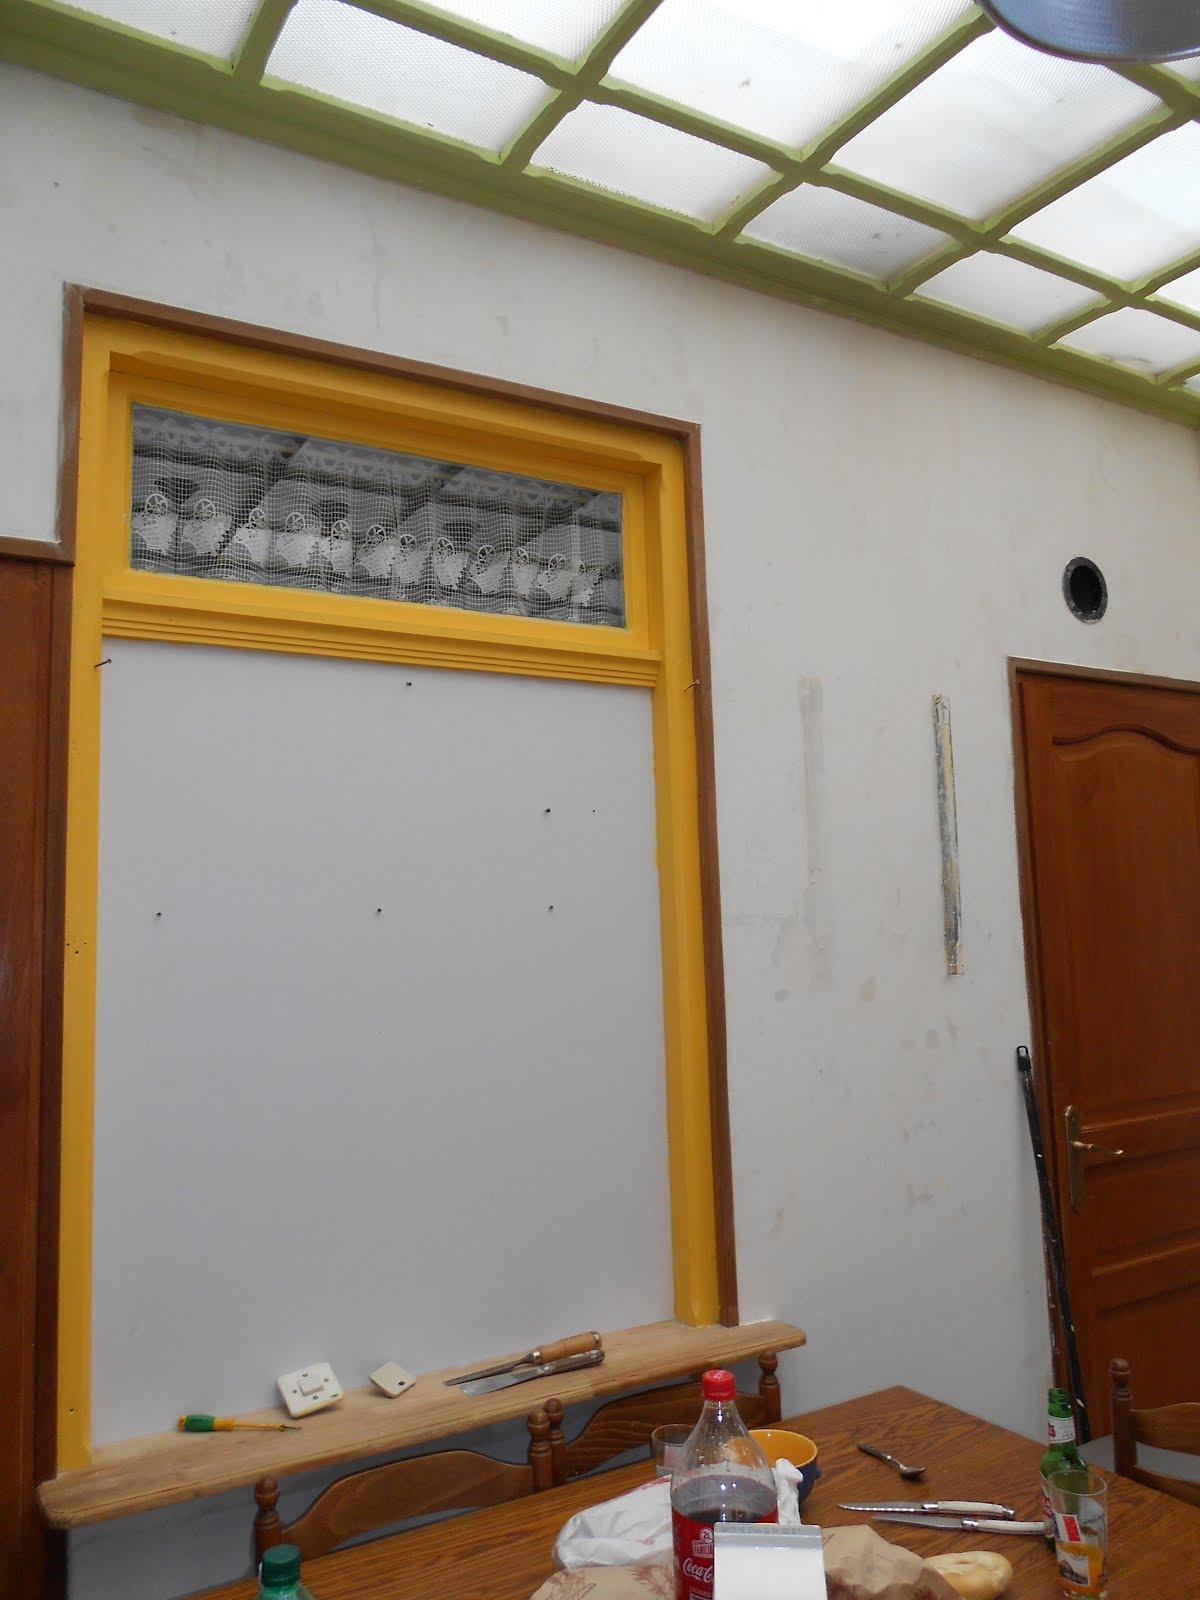 Préparation des murs avant peinture ou papier peint Les  - Peinture Avant Papier Peint